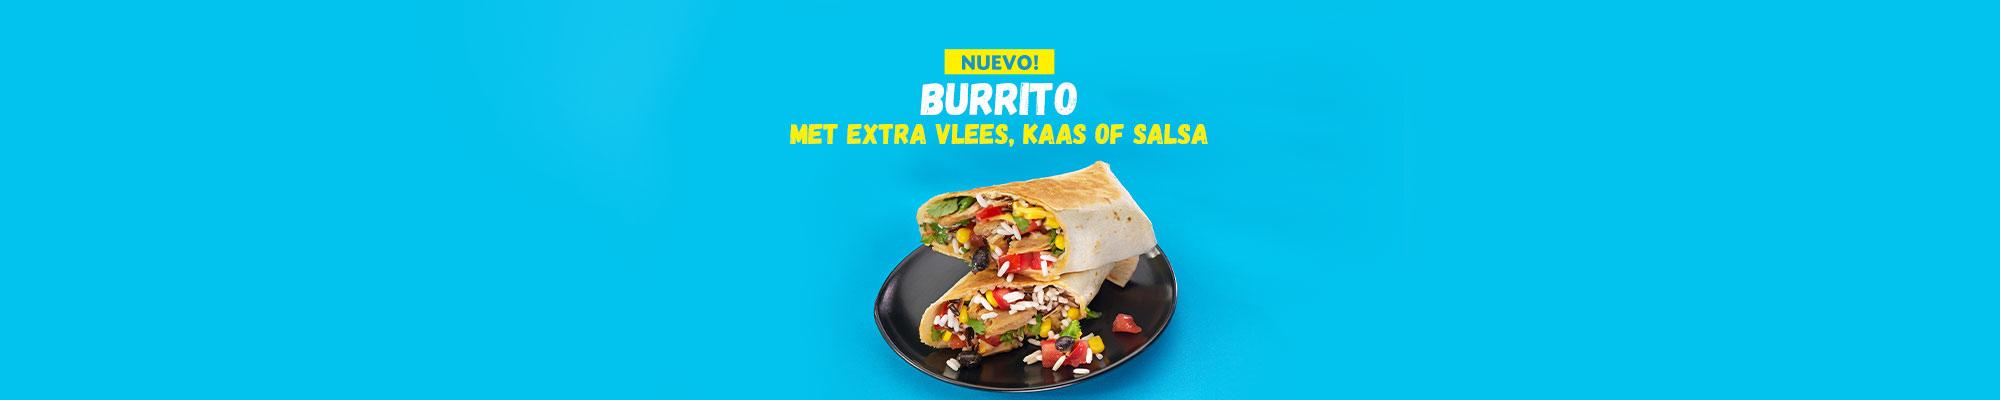 Nieuw: Kies een portie extra vlees(vervanger), Kaas of Salsa voor jouw Burrito!